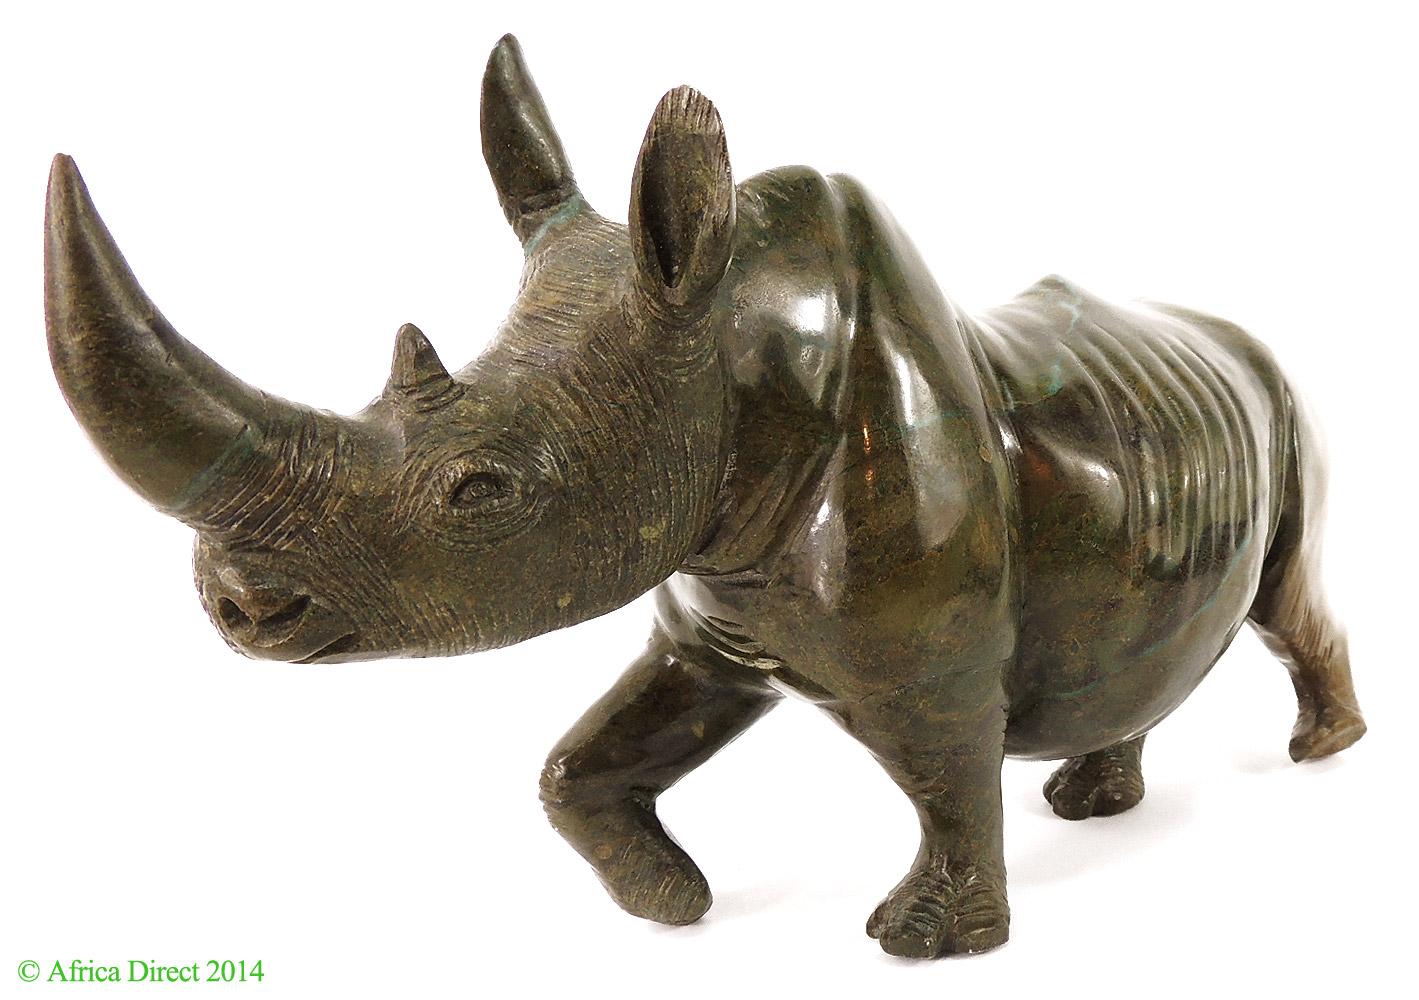 Rhino verdite shona stone sculpture zimbabwe africa